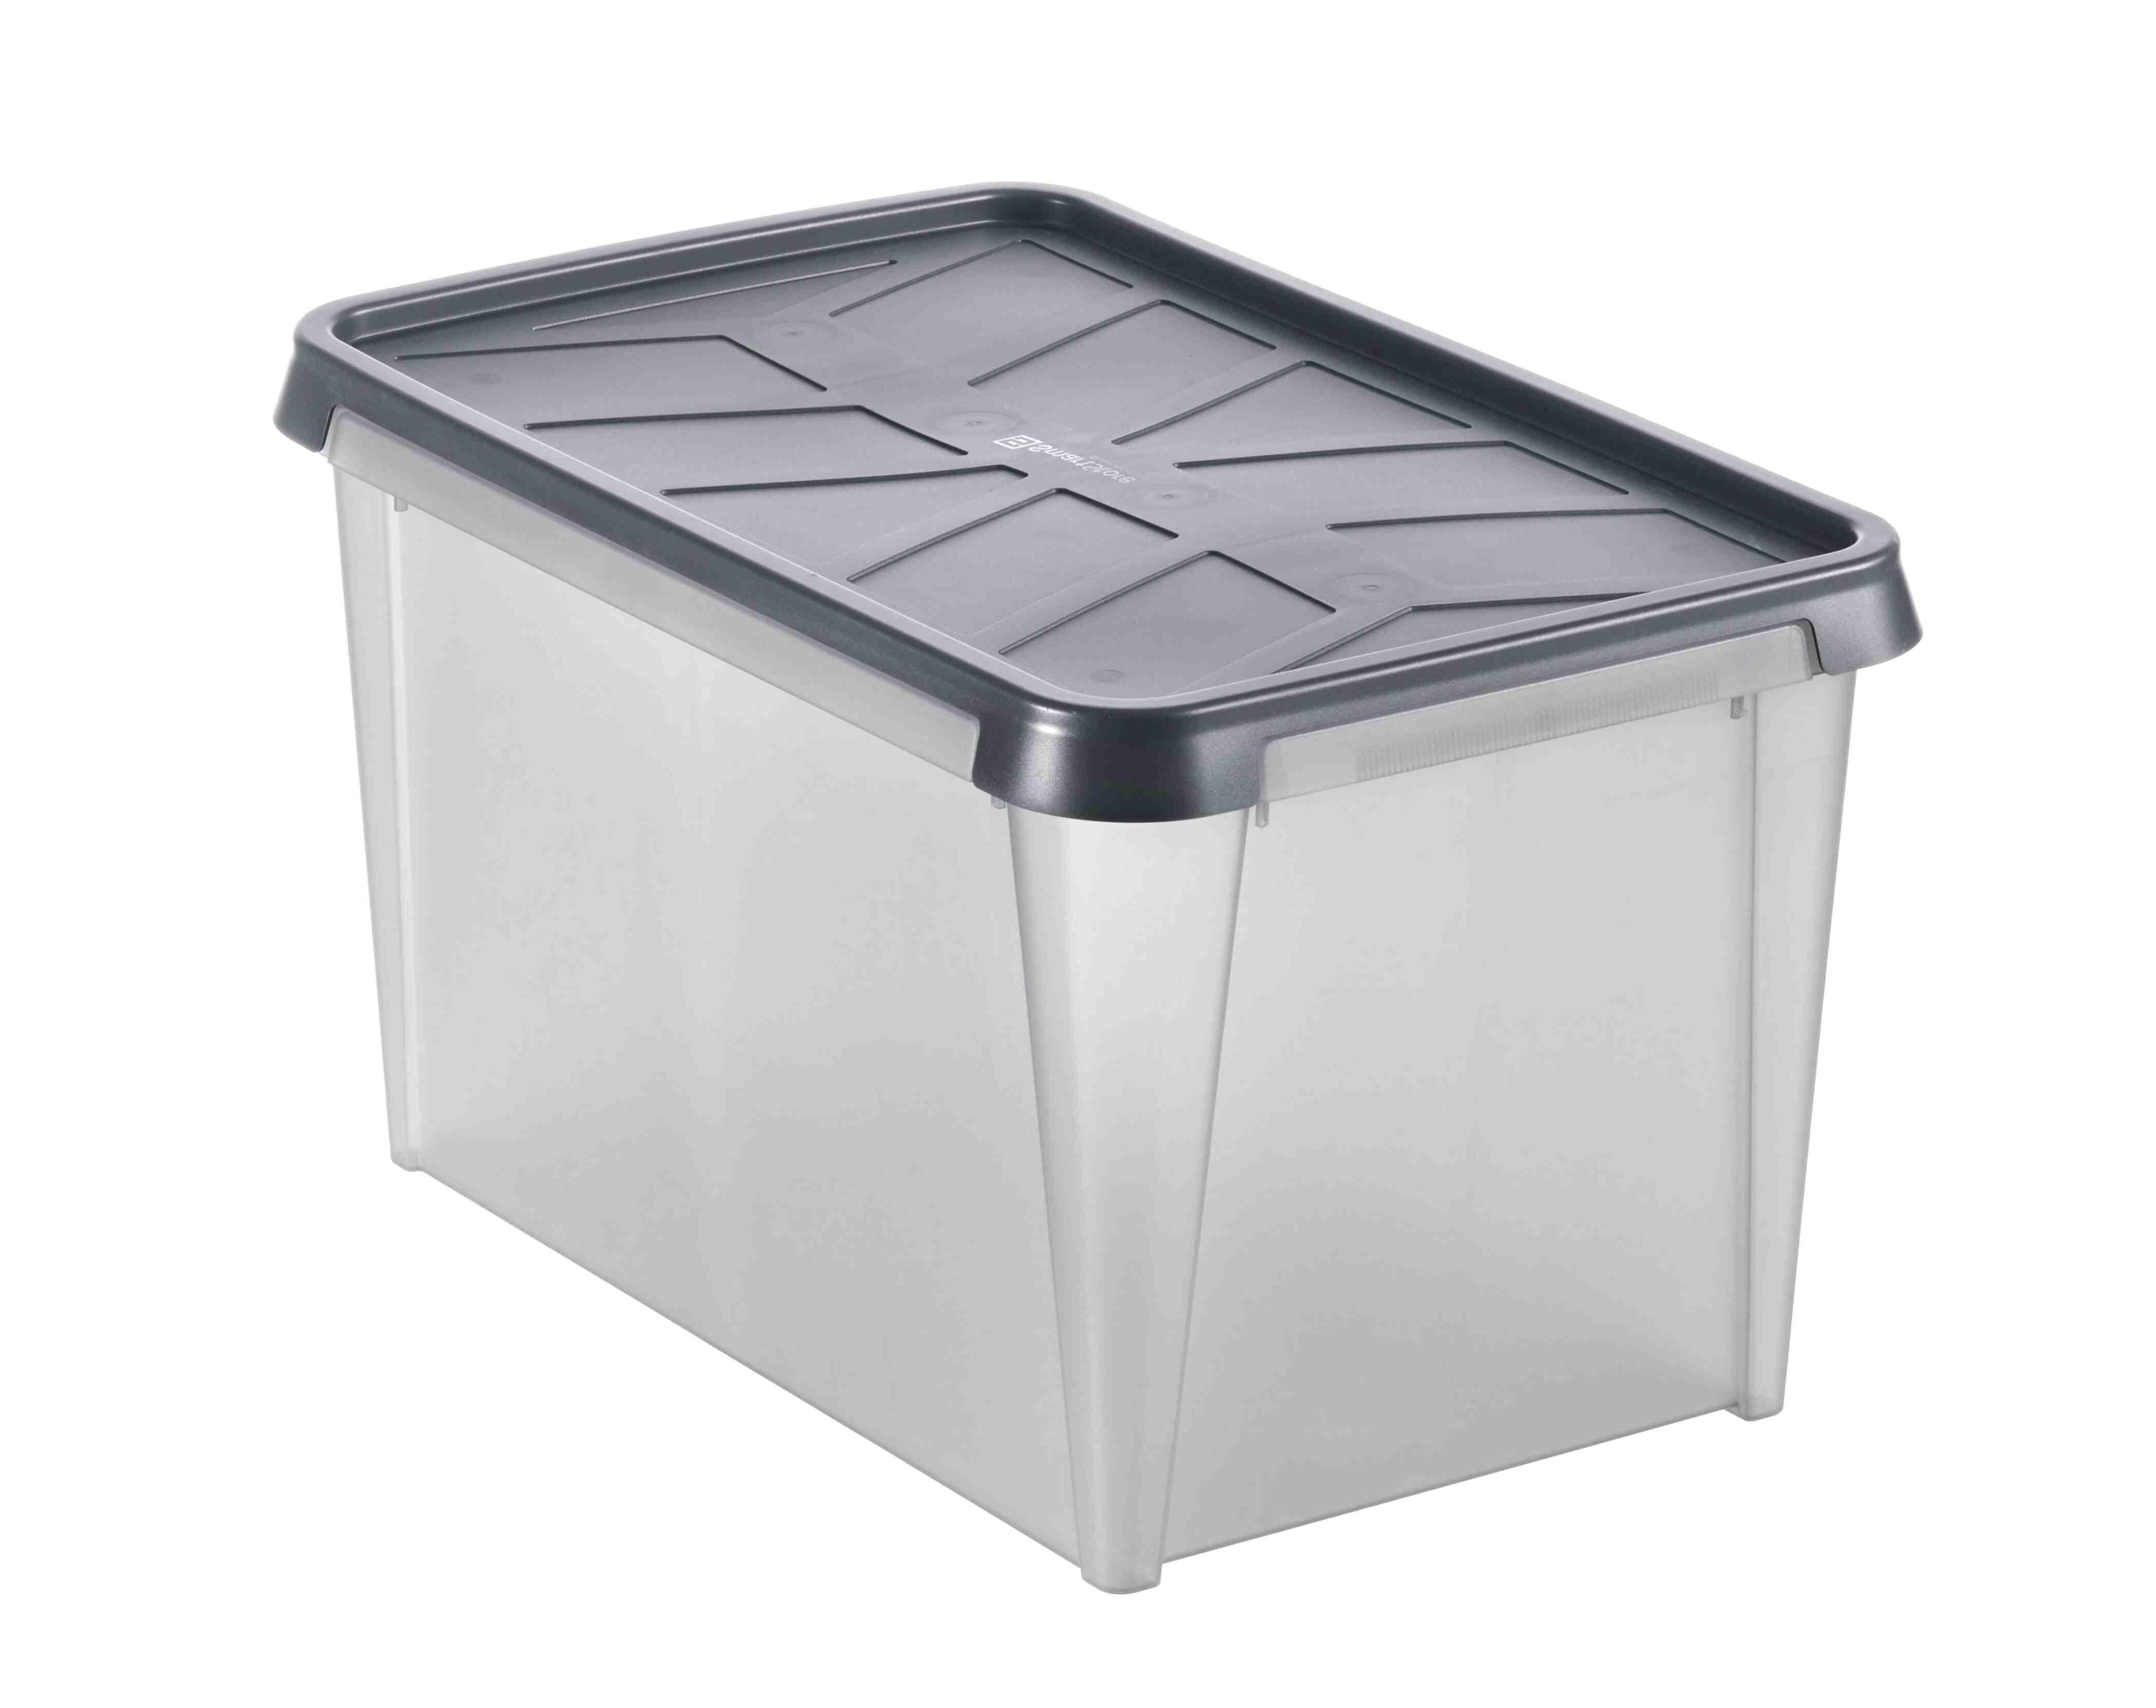 Fogli Plexiglass Bricoman Scatola Contenitore Plastica